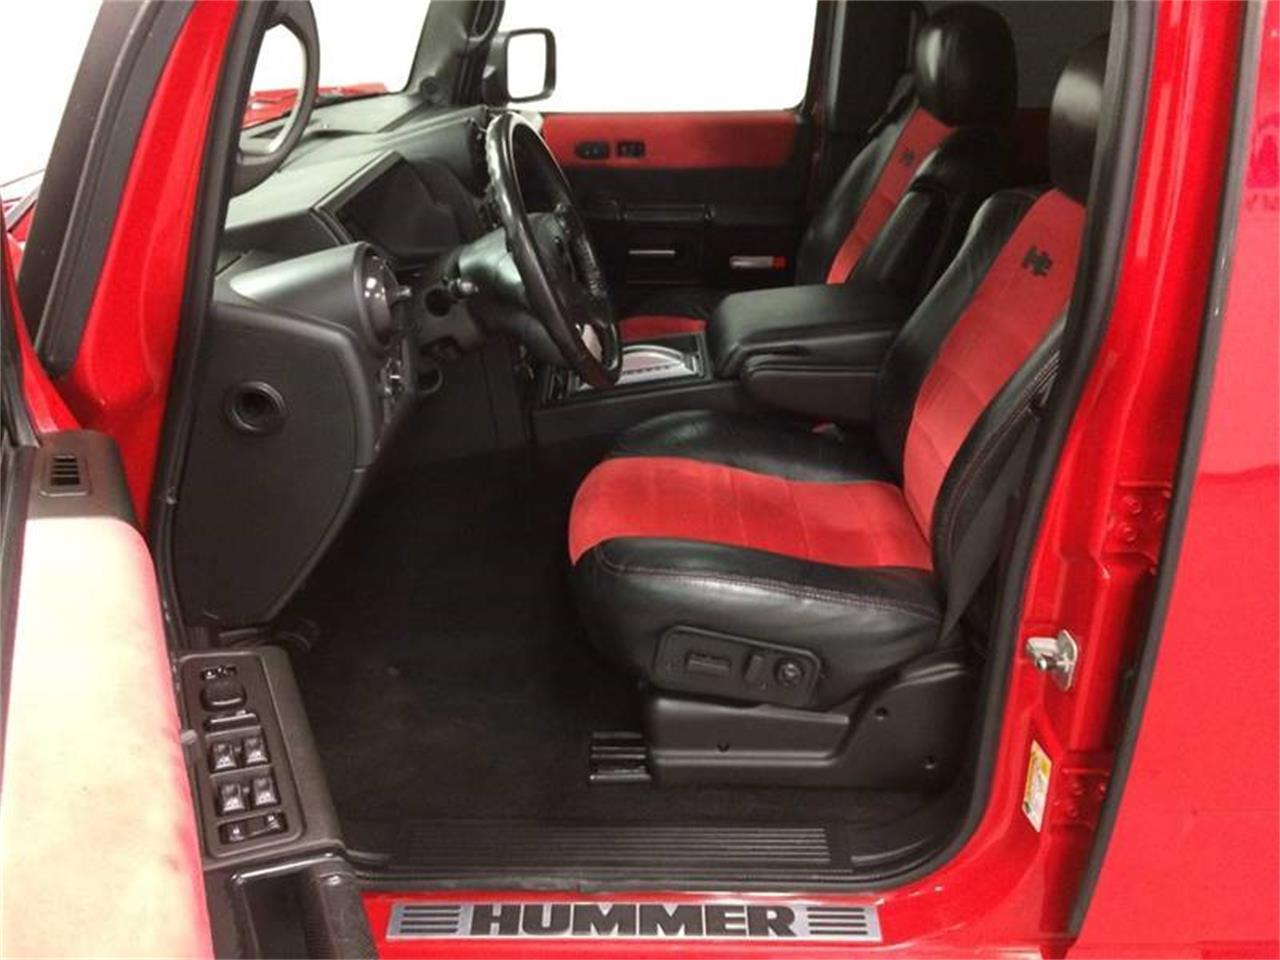 2007 Hummer H2 (CC-1105095) for sale in Vestal, New York